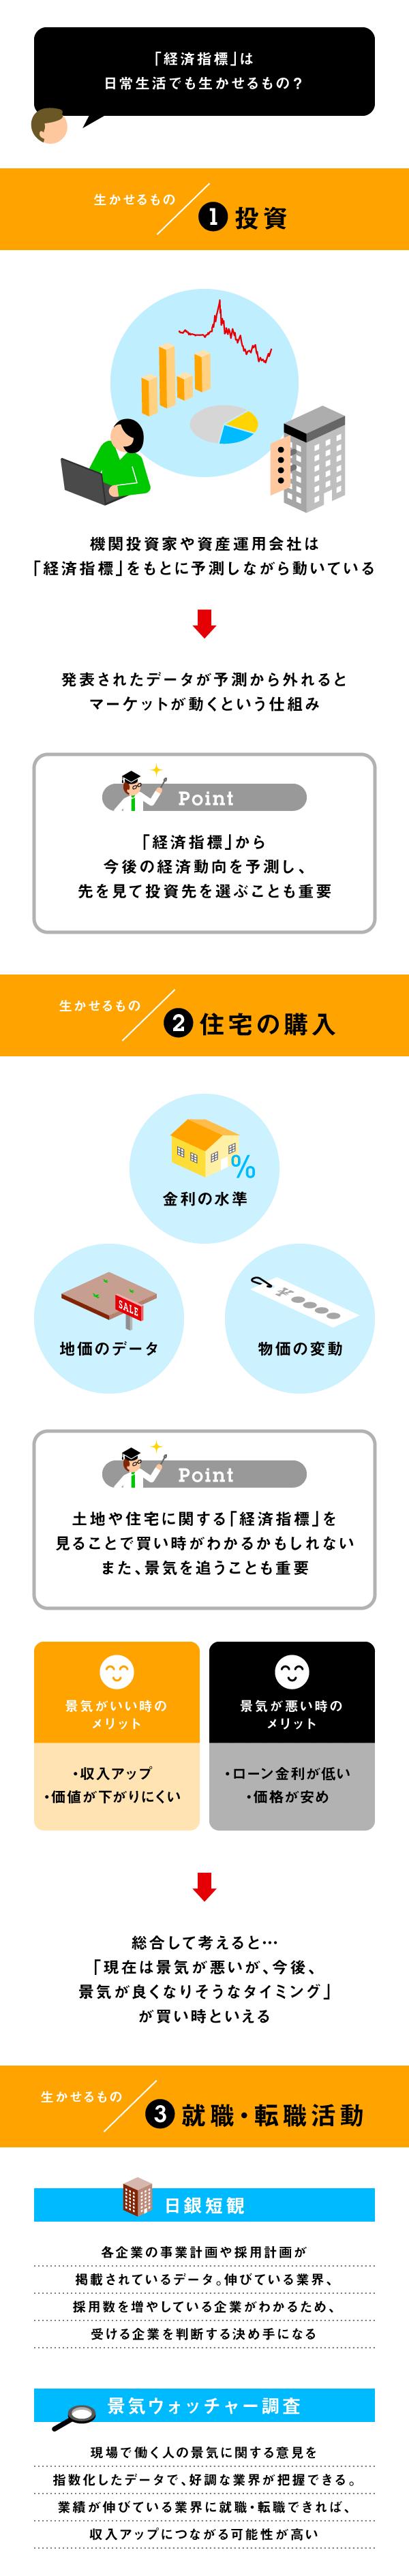 指標 経済